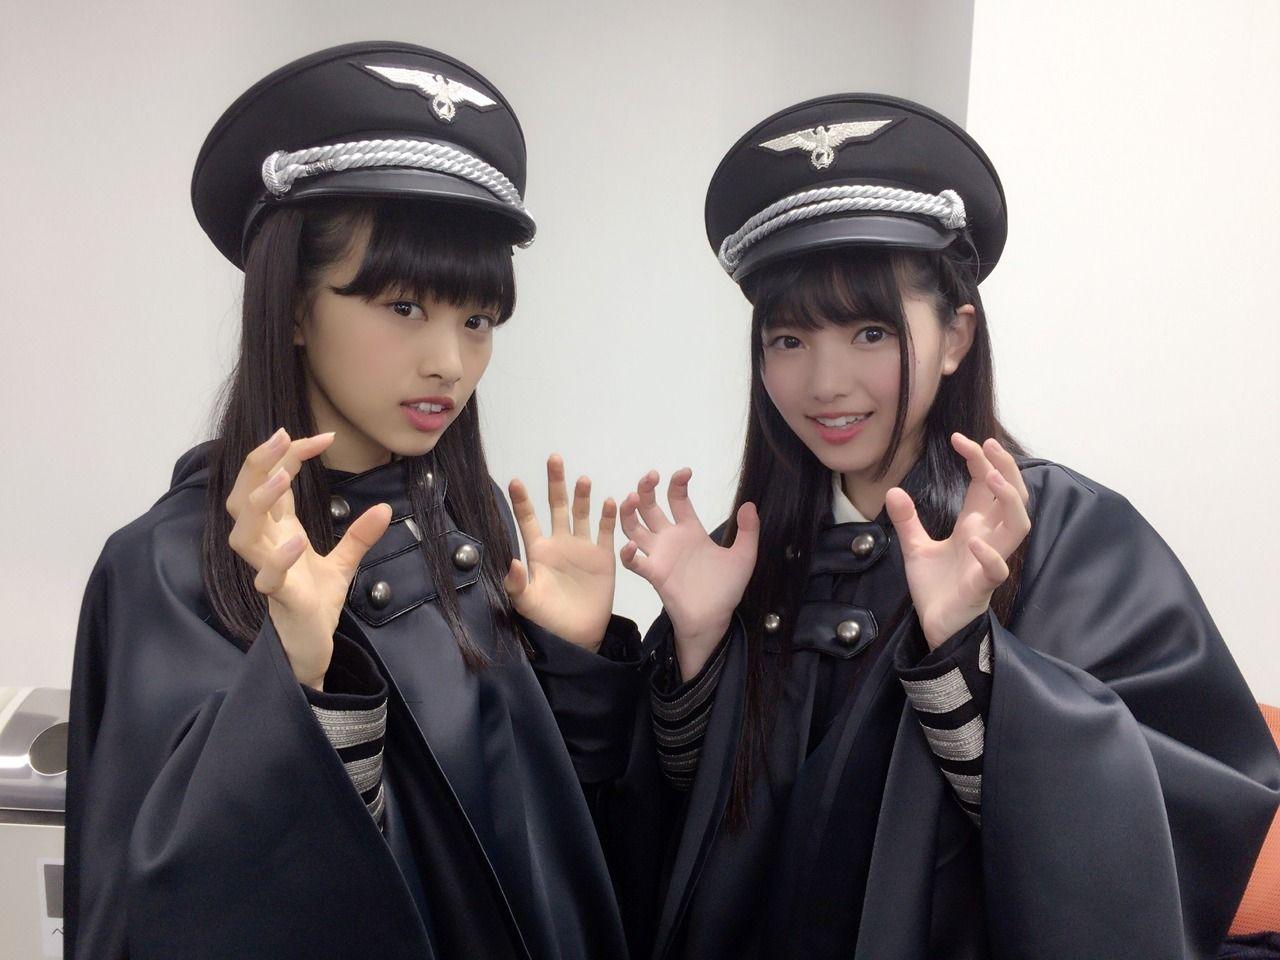 【エンタメ画像】《欅坂46》ナチス風衣装の炎上で謝罪 秋元康「ありえない衣装!!!事前にチェック出来なかった」ってよ。。。。。。。